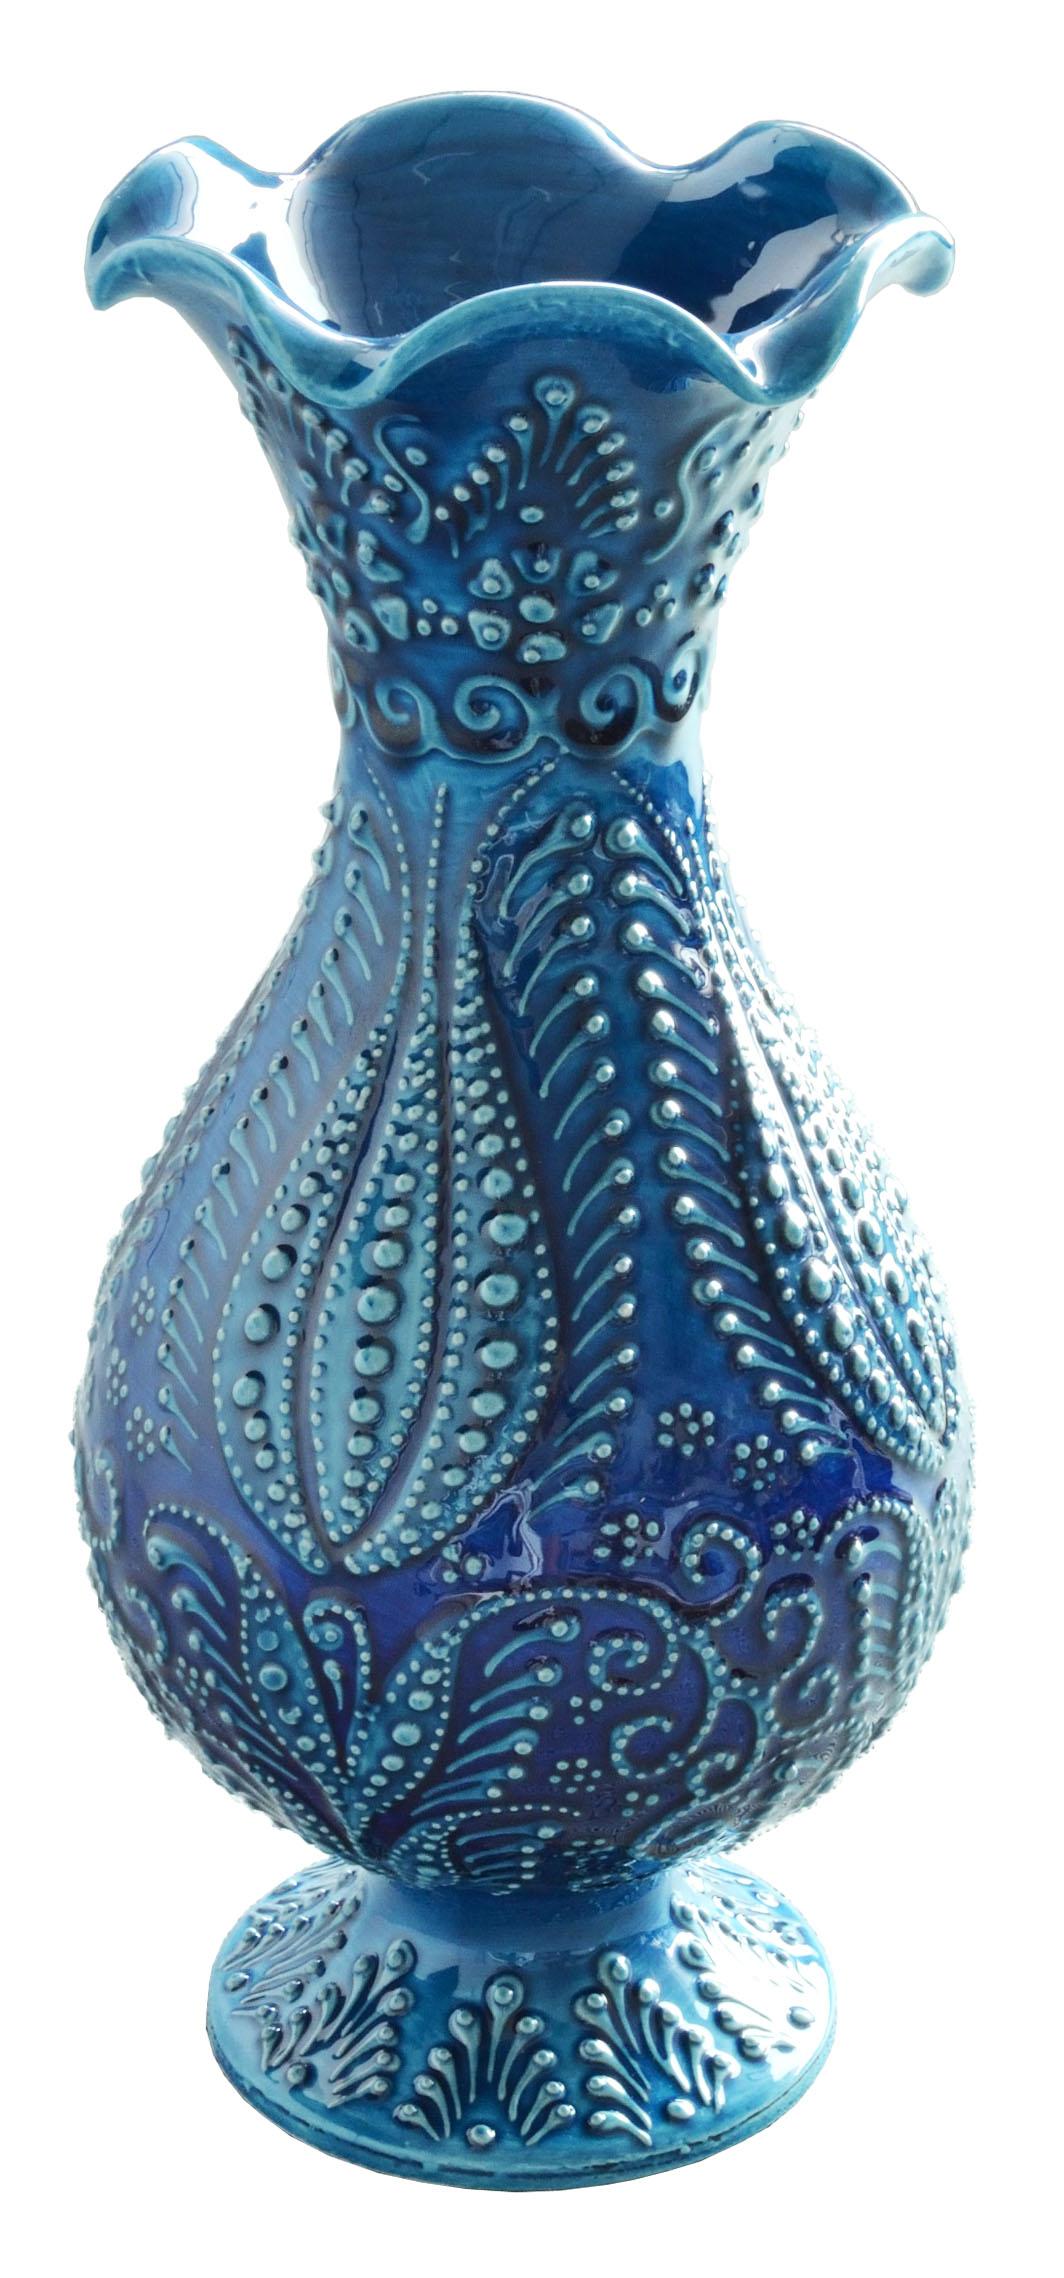 トルコ製陶器 ベースL イスタンブールブルー <br>No.81514